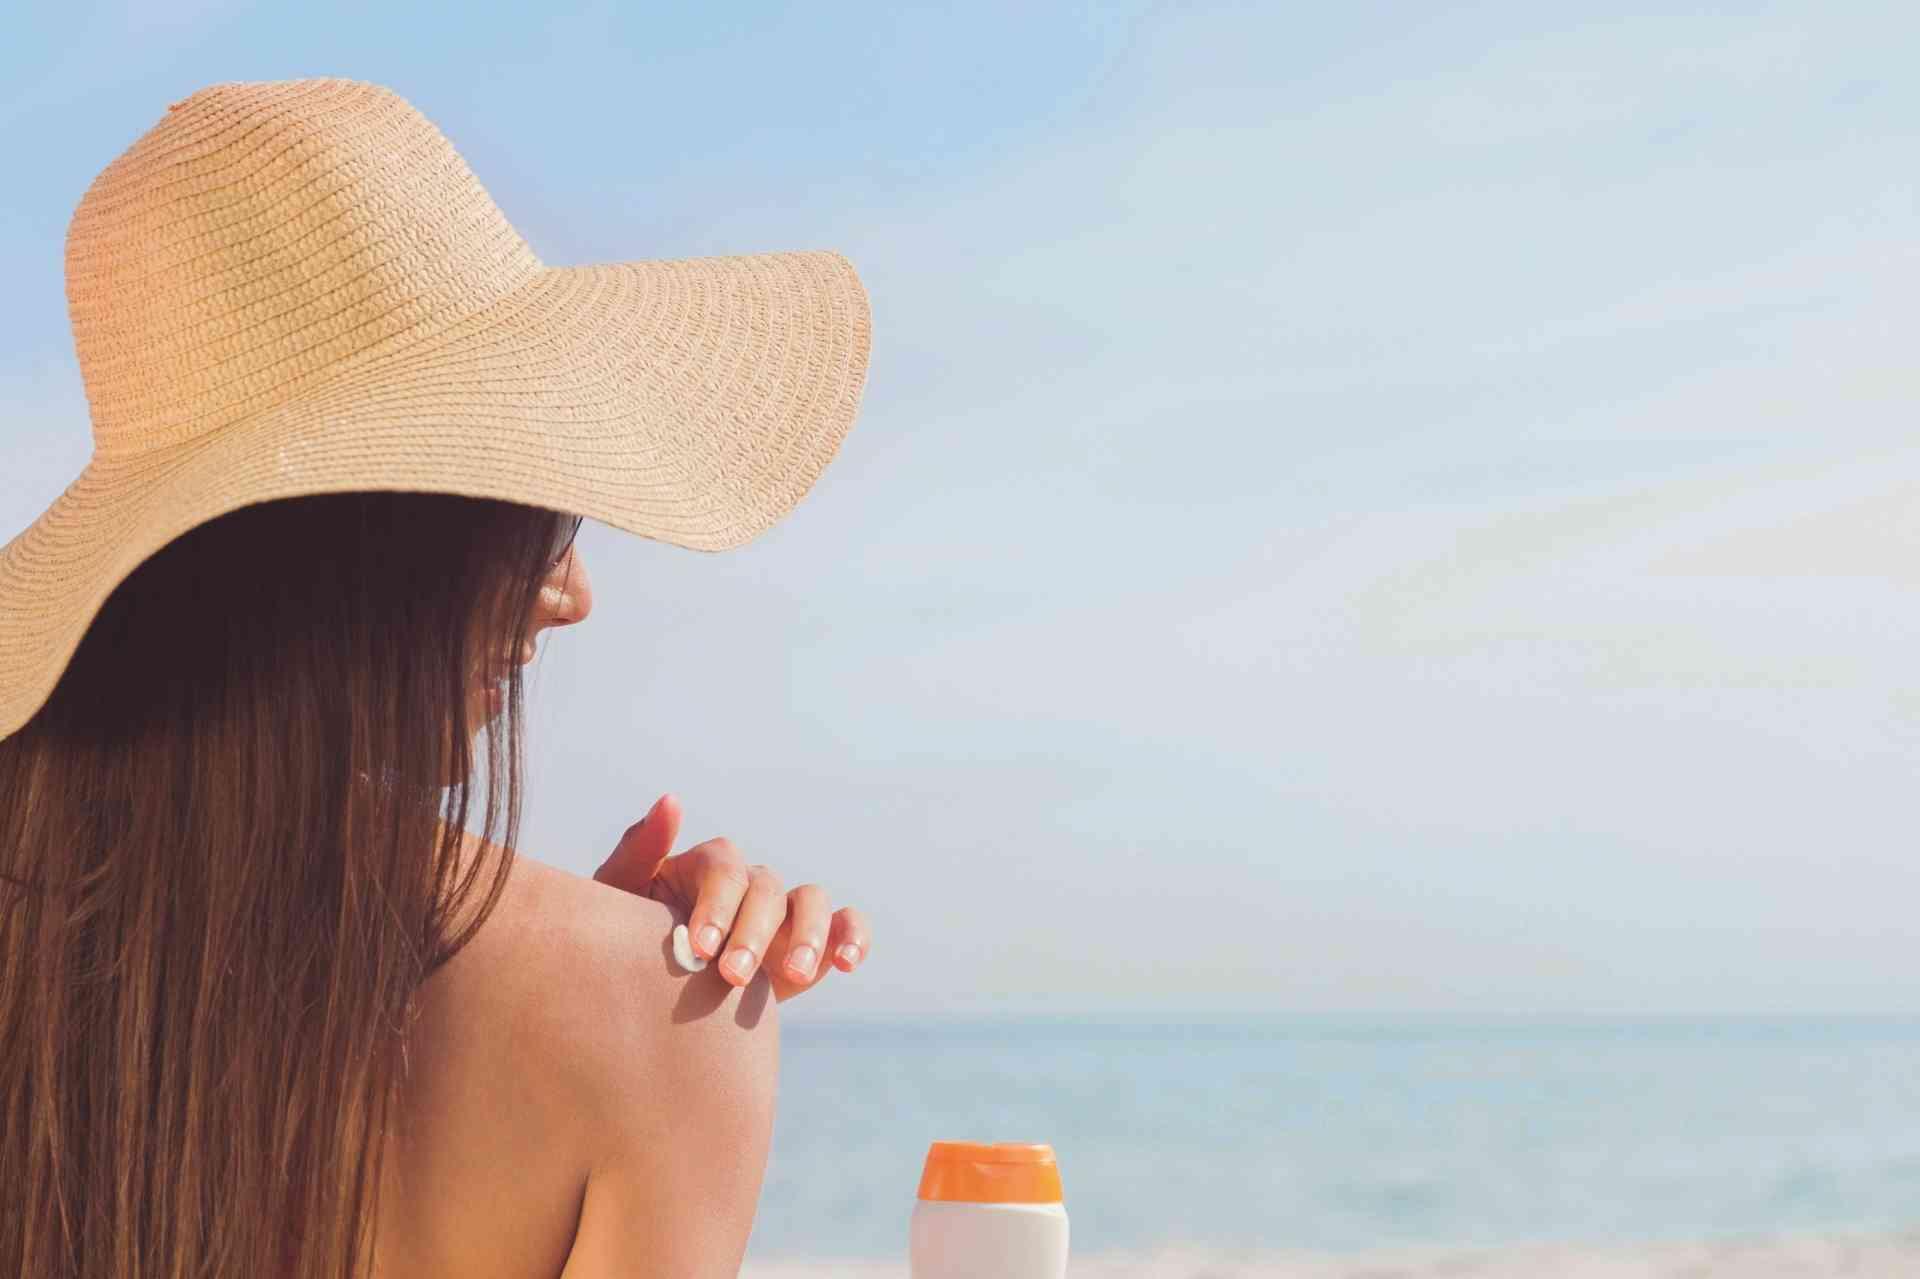 Nắng nóng trên 40 độ C, đừng quên làm 6 việc để tránh bệnh liên quan đến nhiệt như say nắng, kiệt sức - Ảnh 7.